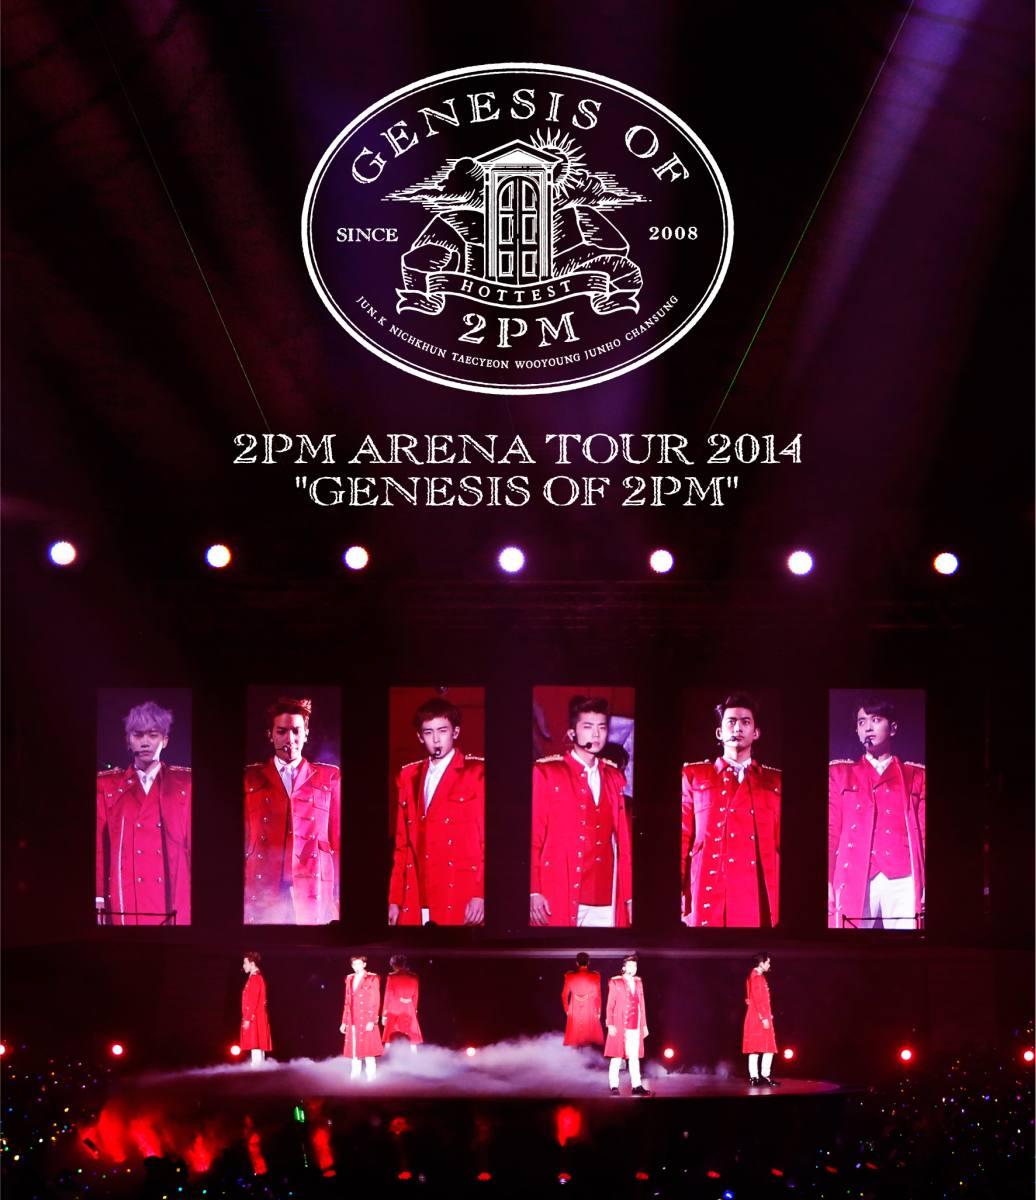 ミュージック, その他 ARENA TOUR 2014 GENESIS OF 2PMBlu-ray 2PM